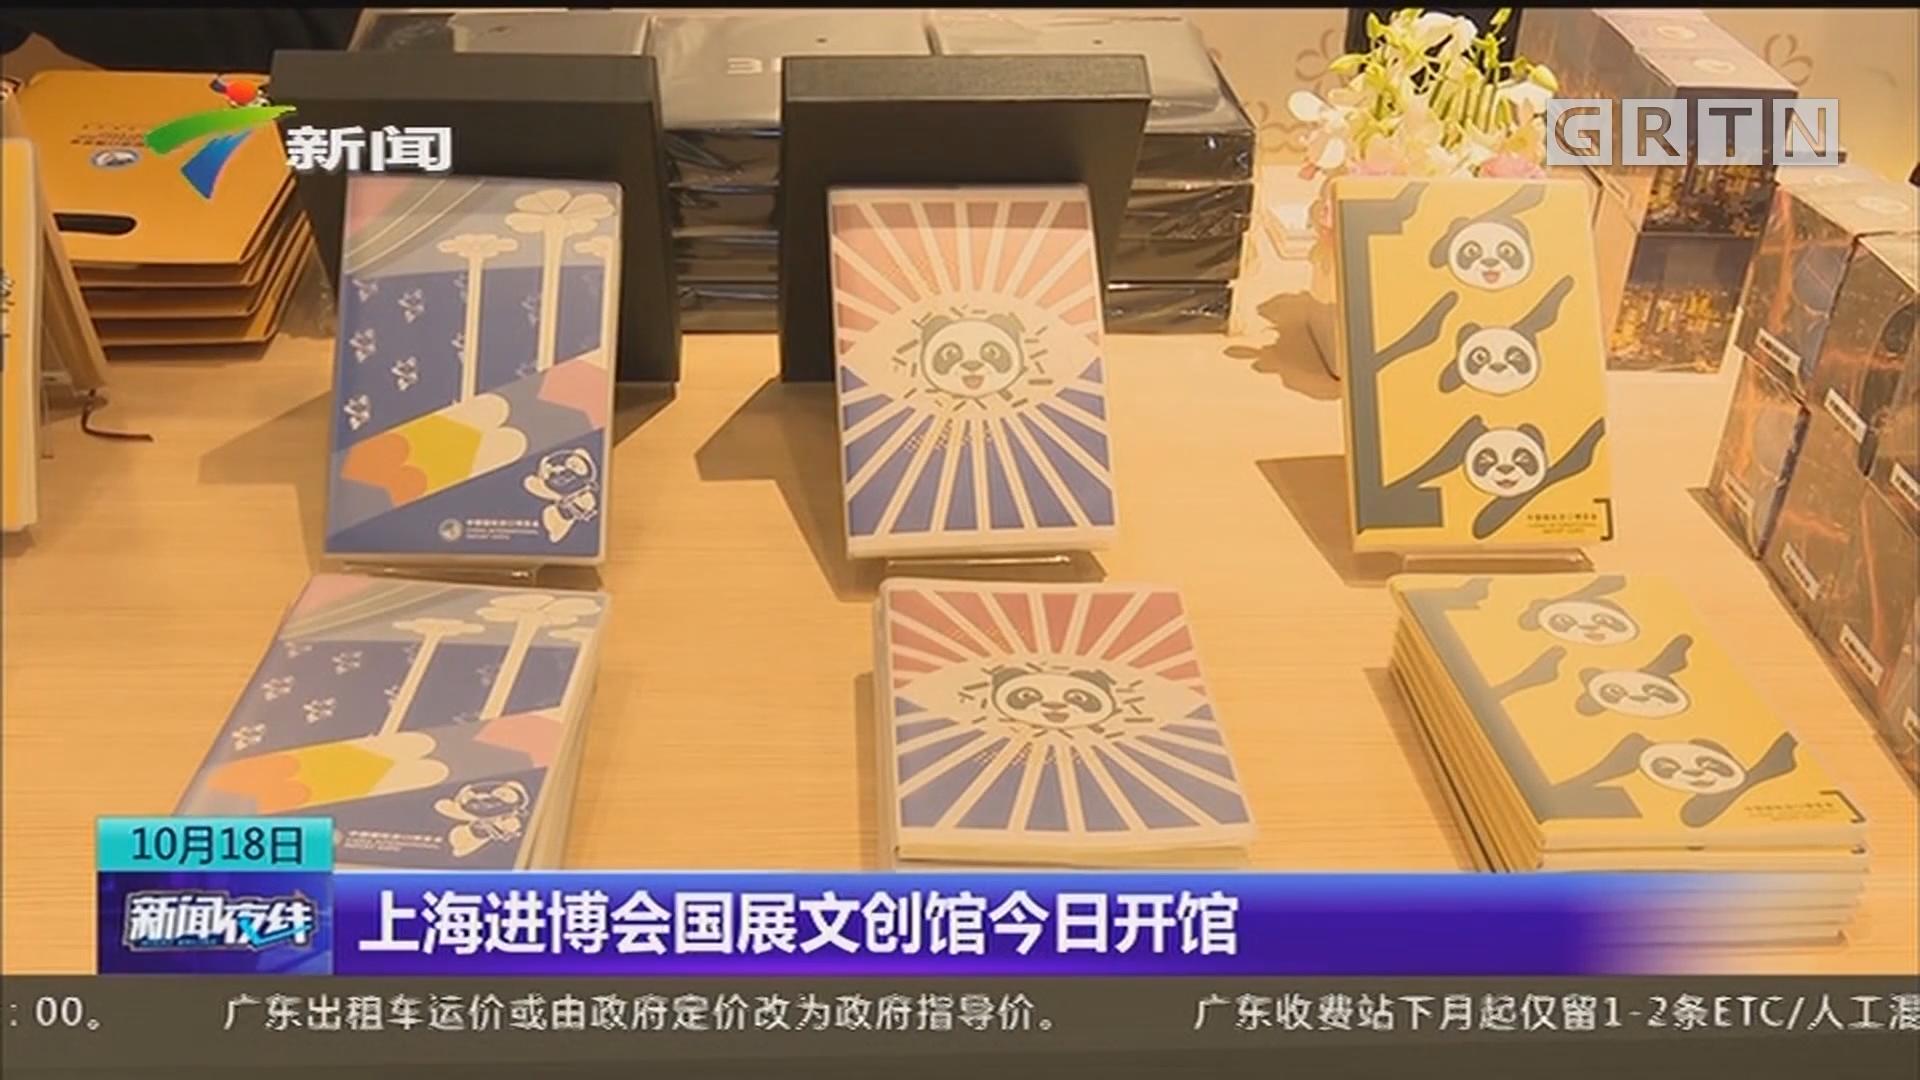 上海进博会国展文创馆今日开馆